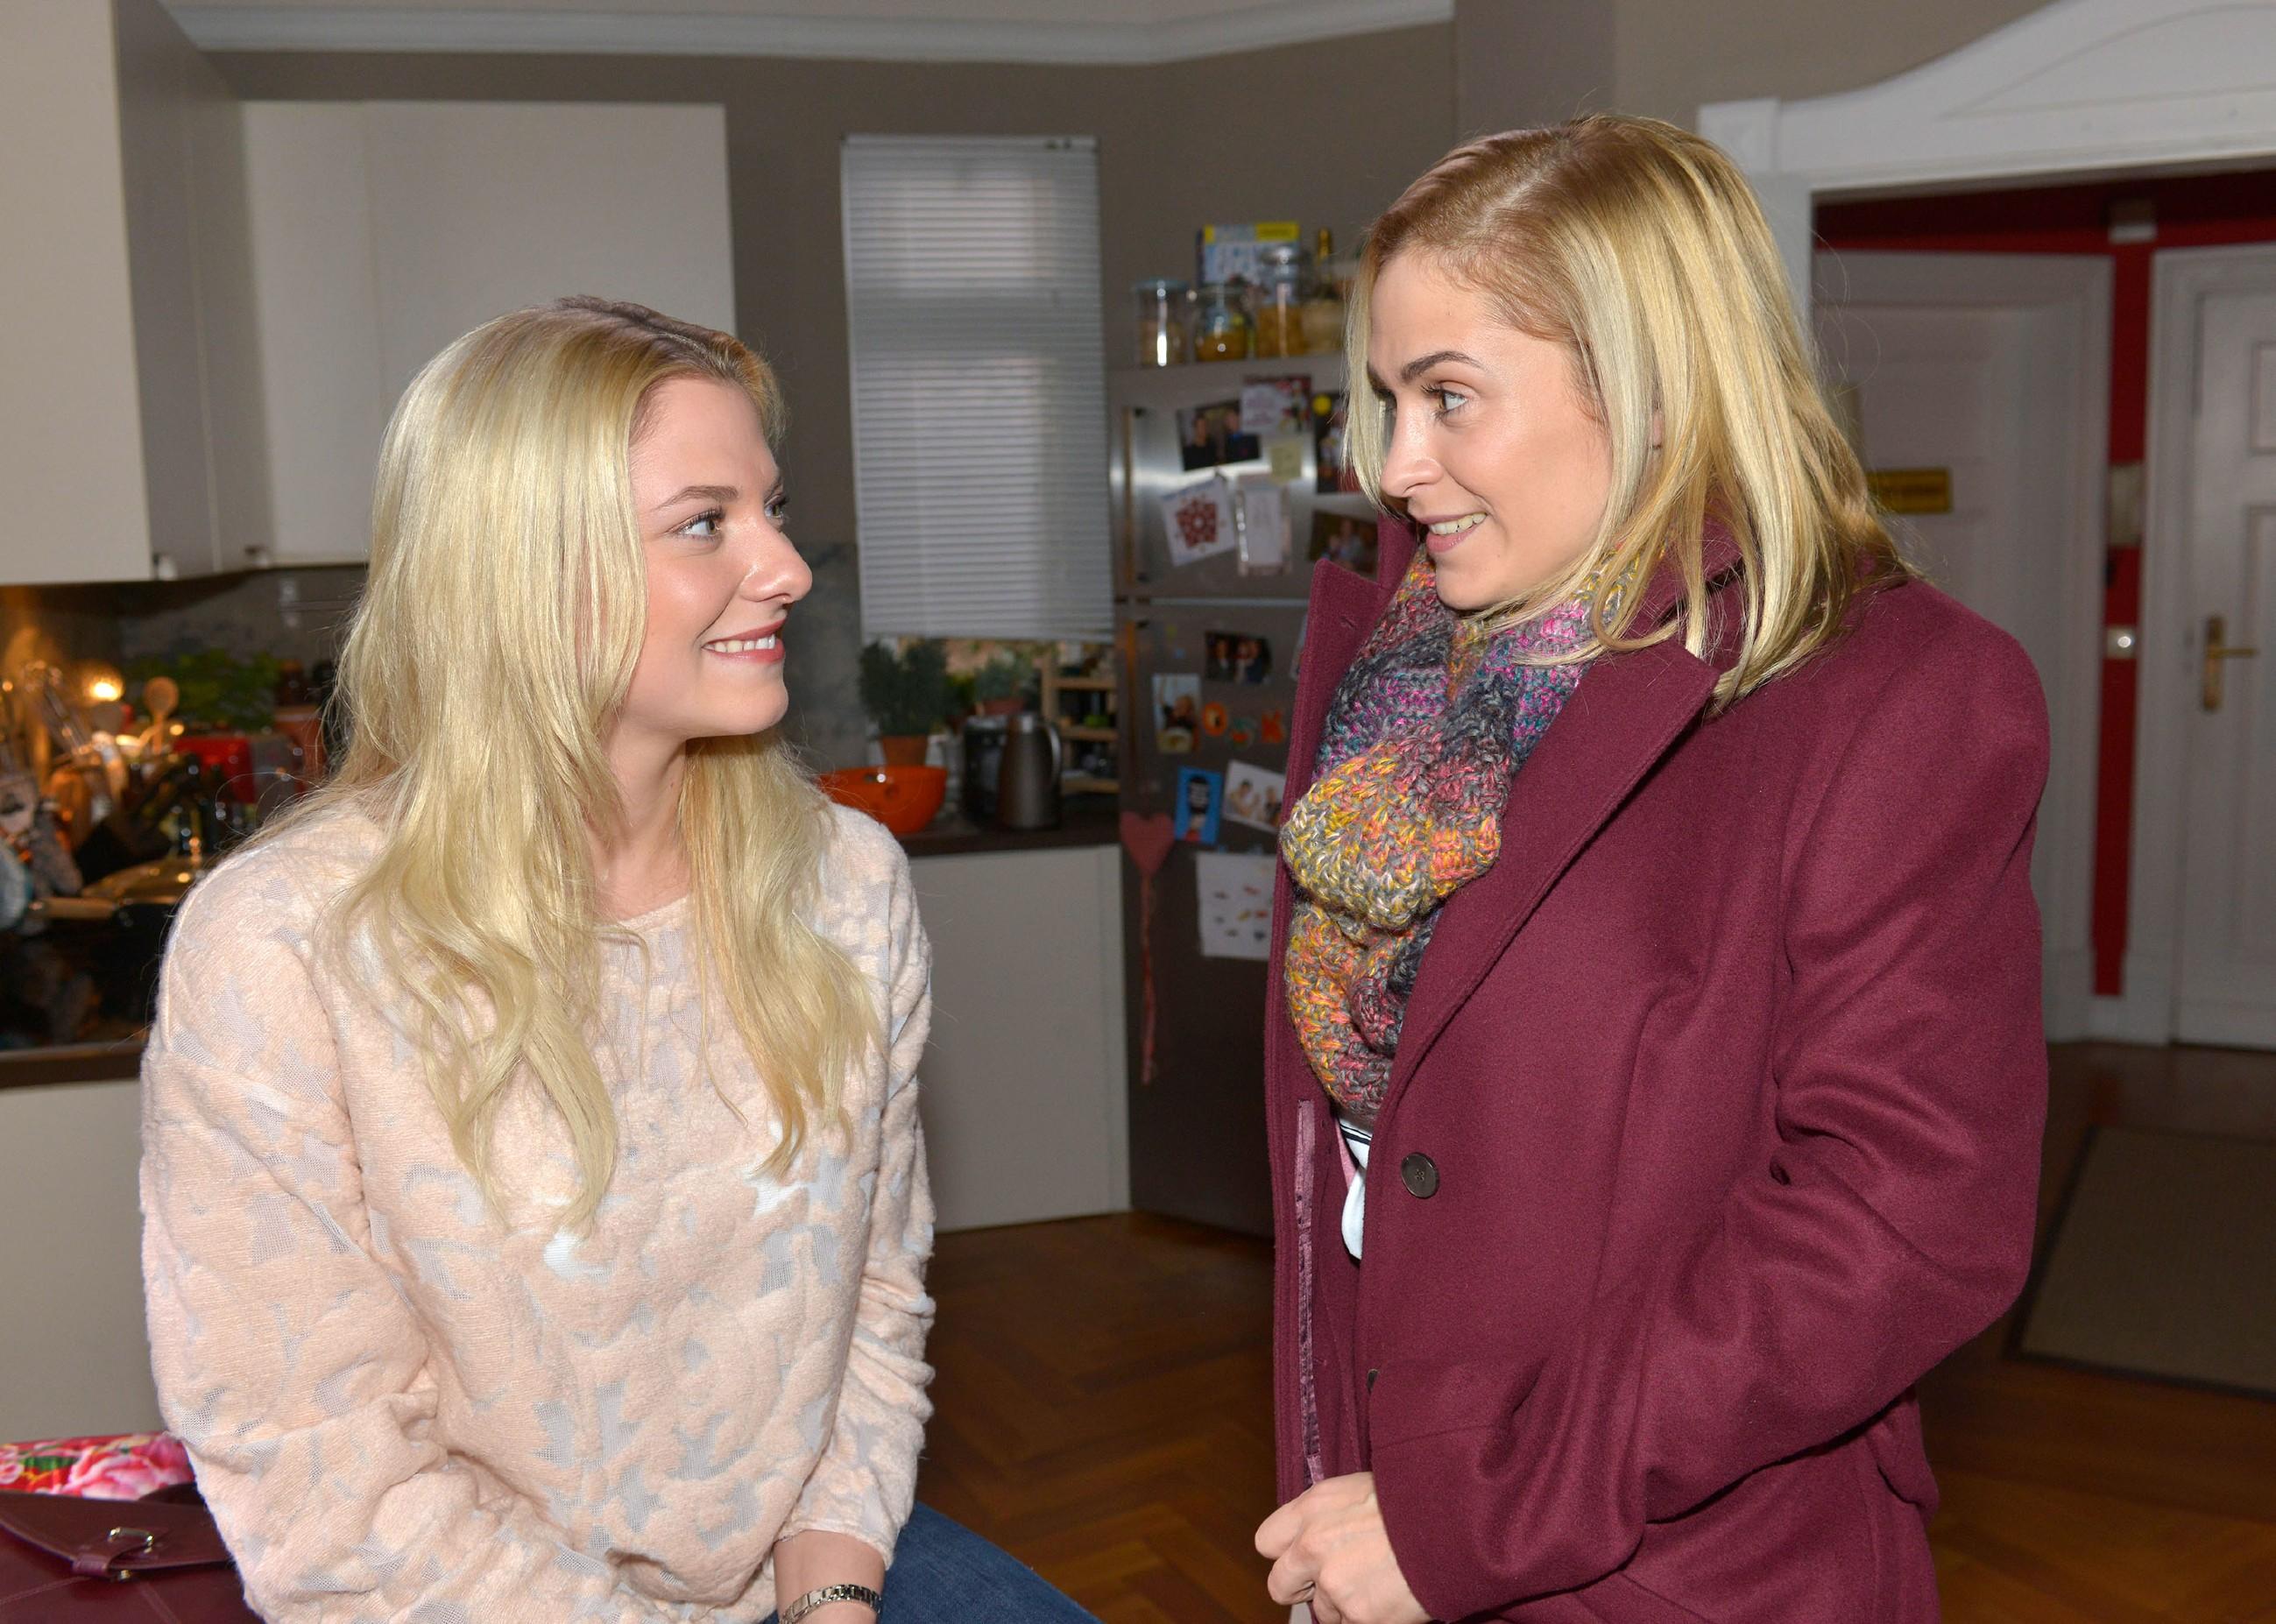 Sunny (Valentina Pahde, l.) erklärt Sophie (Lea Marlen Woitack), dass sie mit Vince ein unabhängiges Leben starten will. (Quelle: RTL / Rolf Baumgartner)